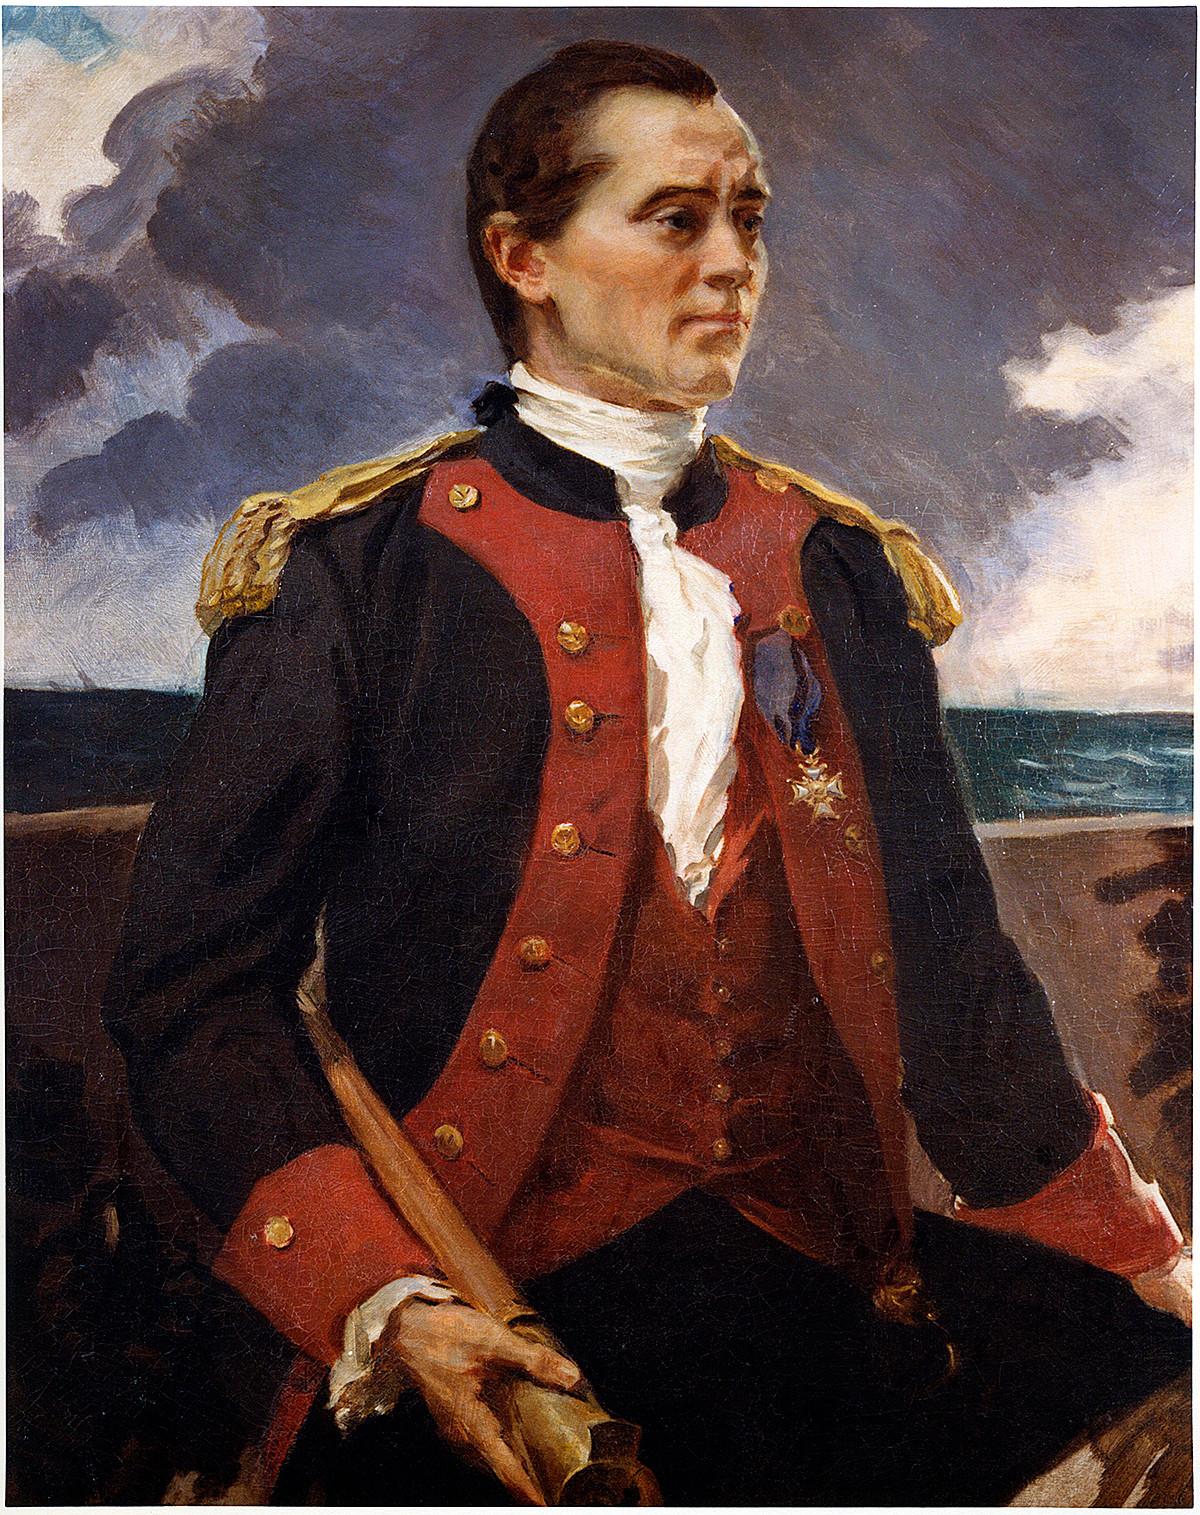 Portrait of Captain John Paul Jones by Cecilia Beaux